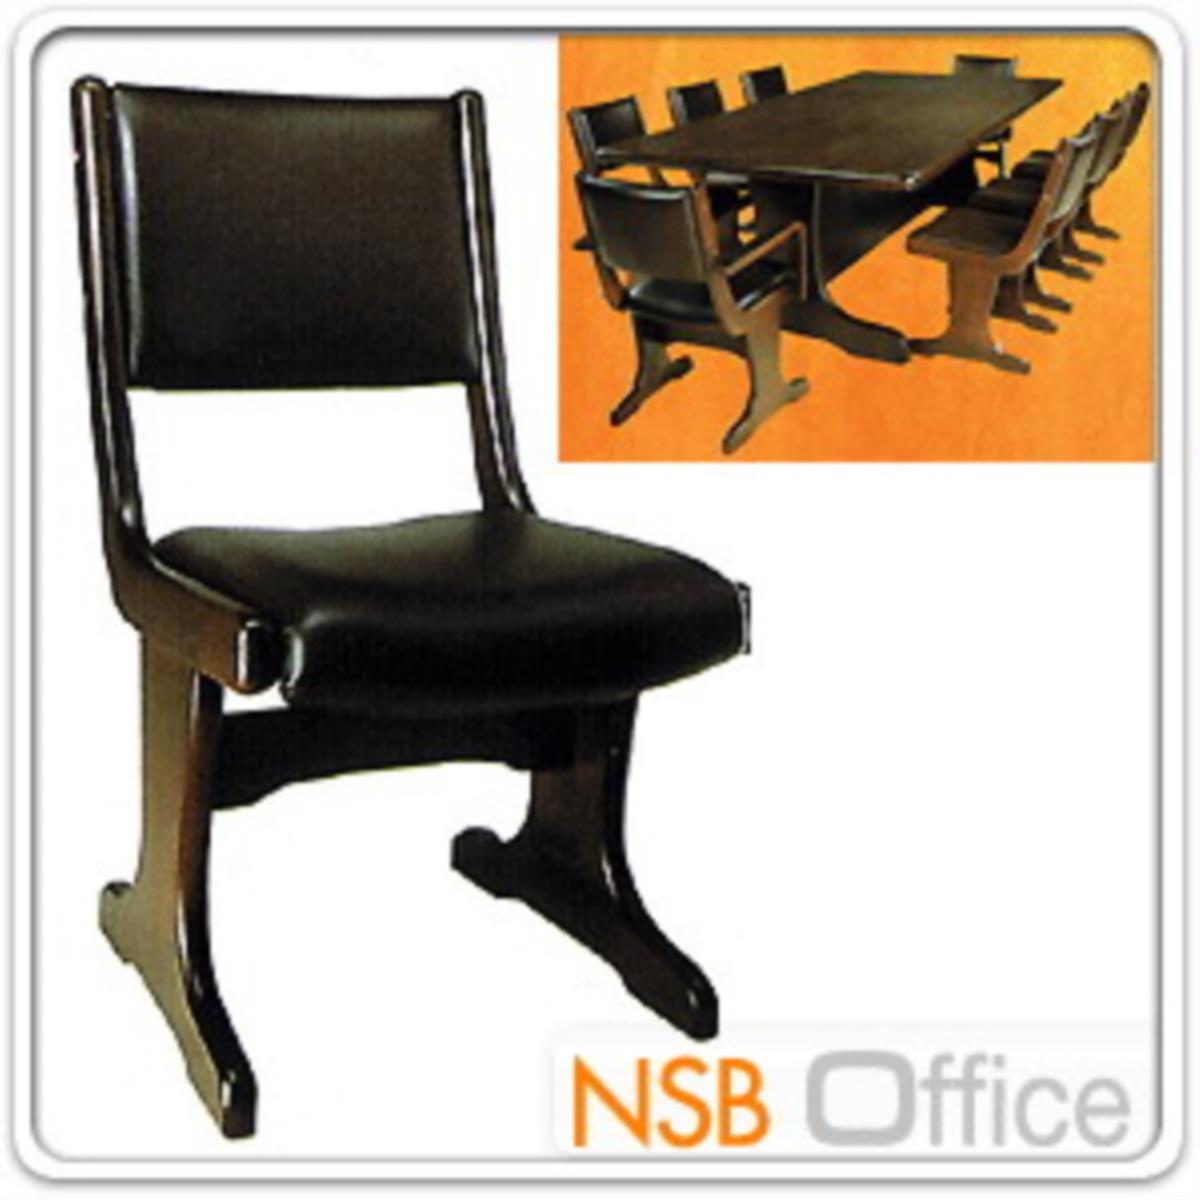 เก้าอี้ไม้ยางพาราที่นั่งหุ้มหนังเทียม  42W cm. ขาไม้ตัวที